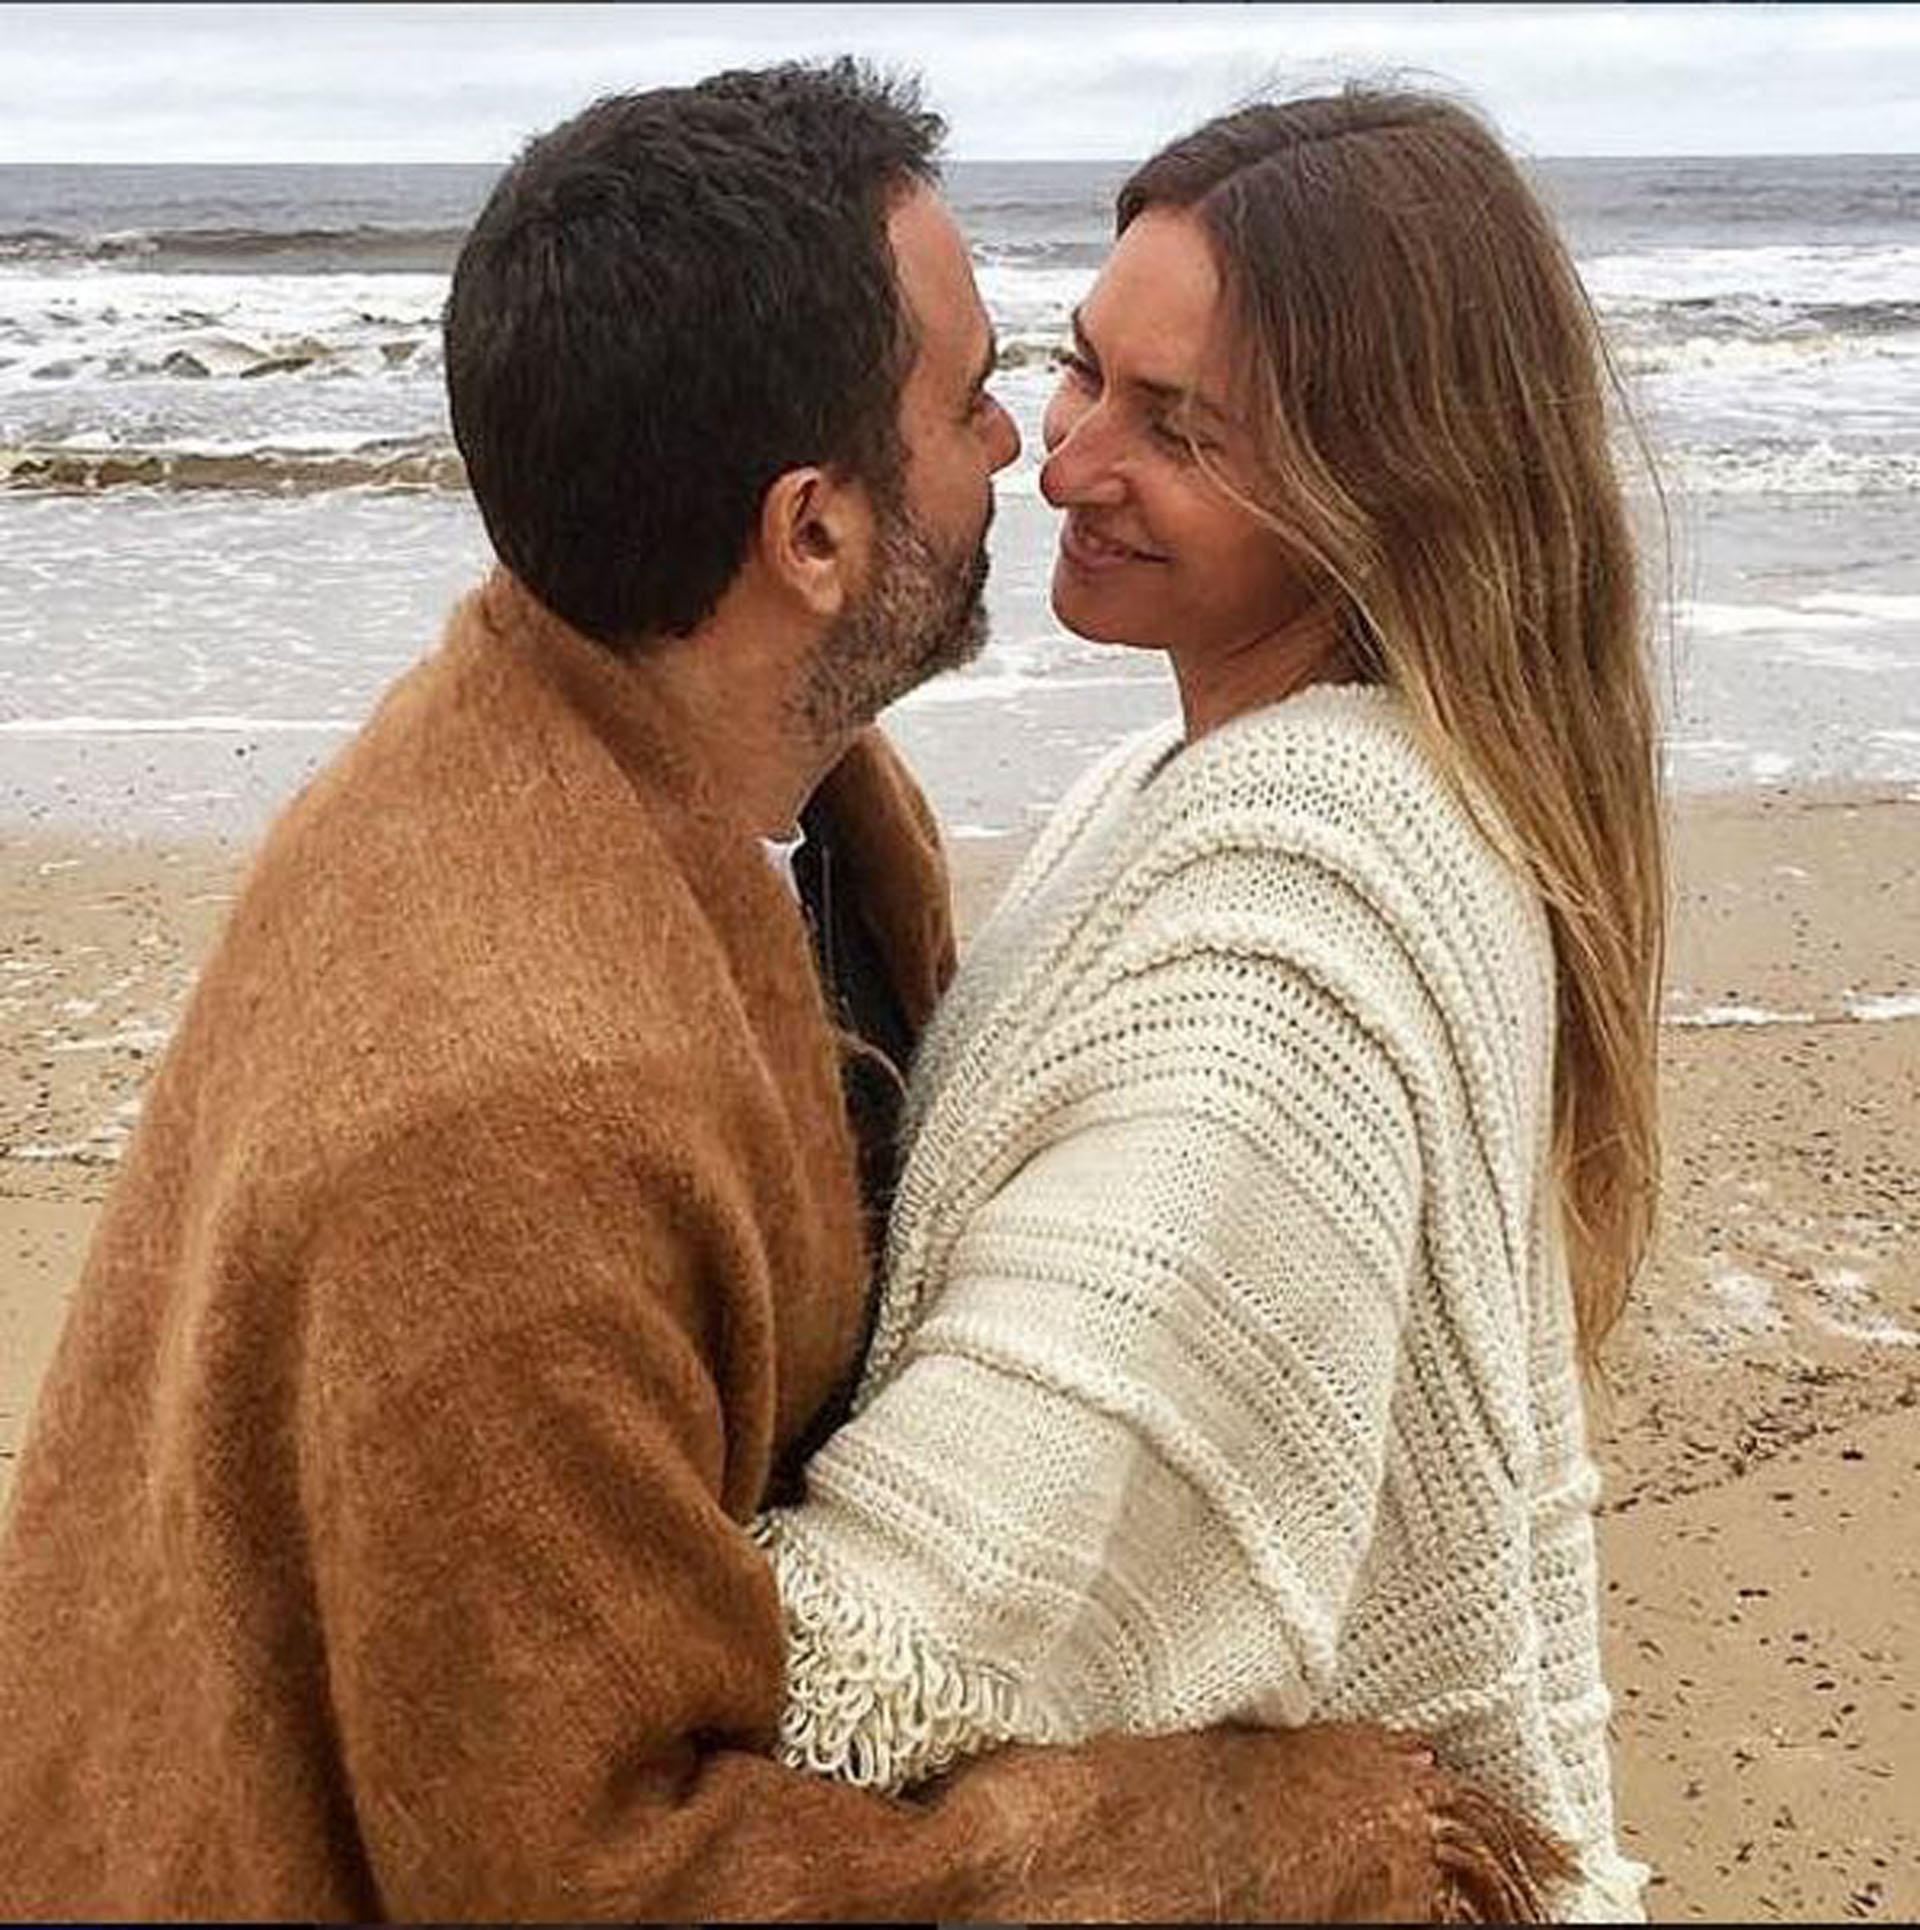 Andrea Bursten publicó una romántica foto -con dedicatoria incluida- para su novio, el empresario textil Damián Schuchner